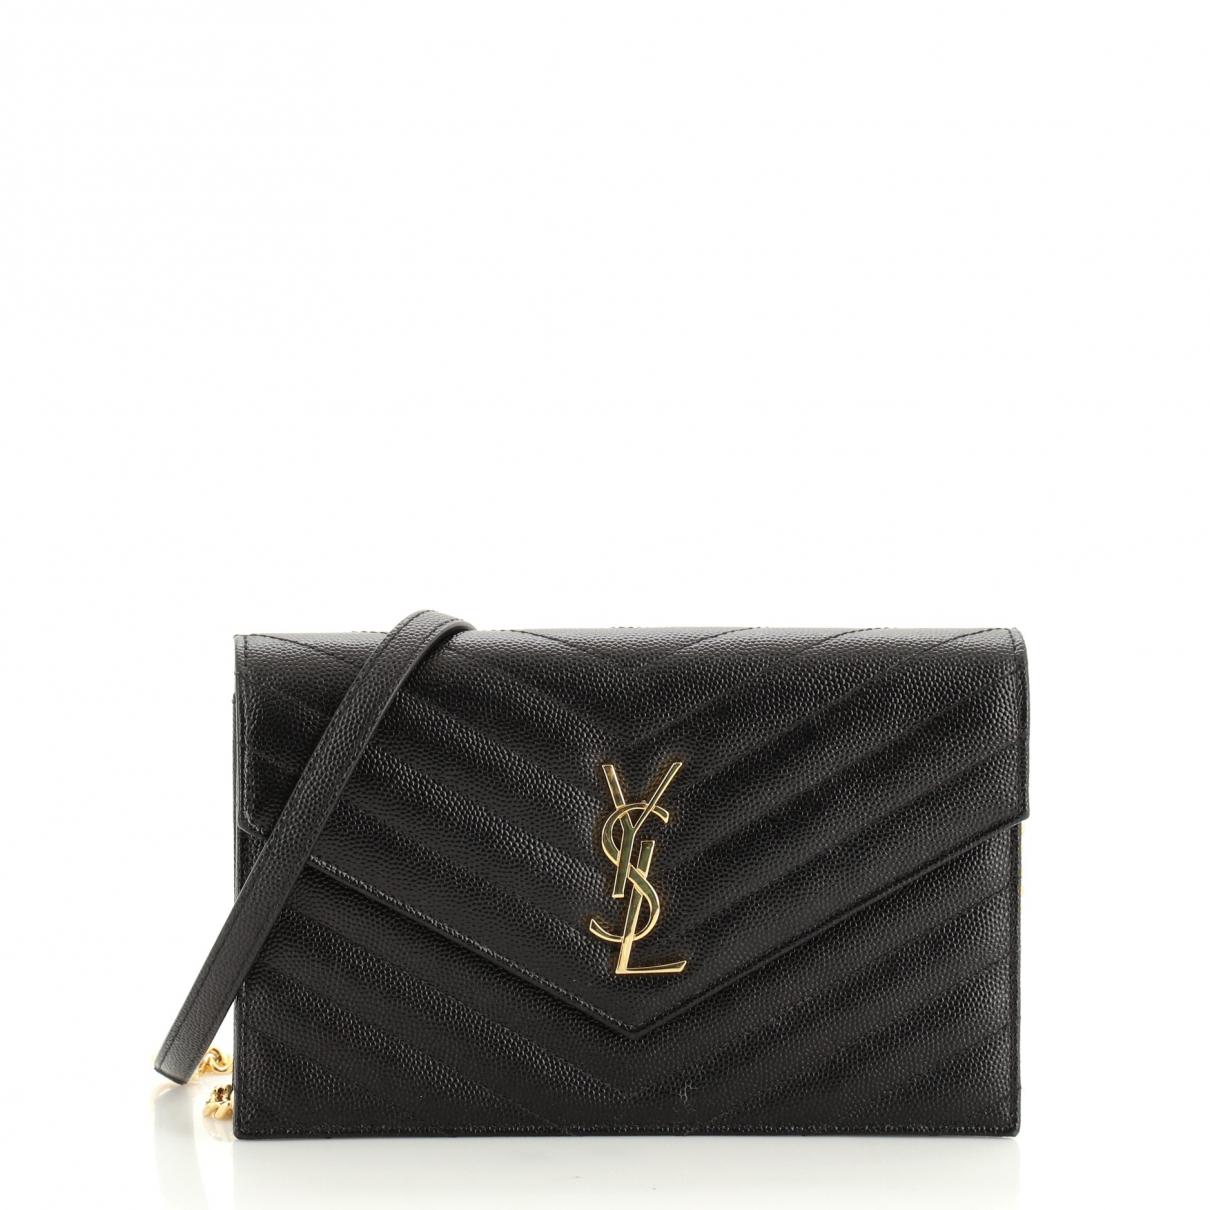 Saint Laurent \N Black Leather handbag for Women \N